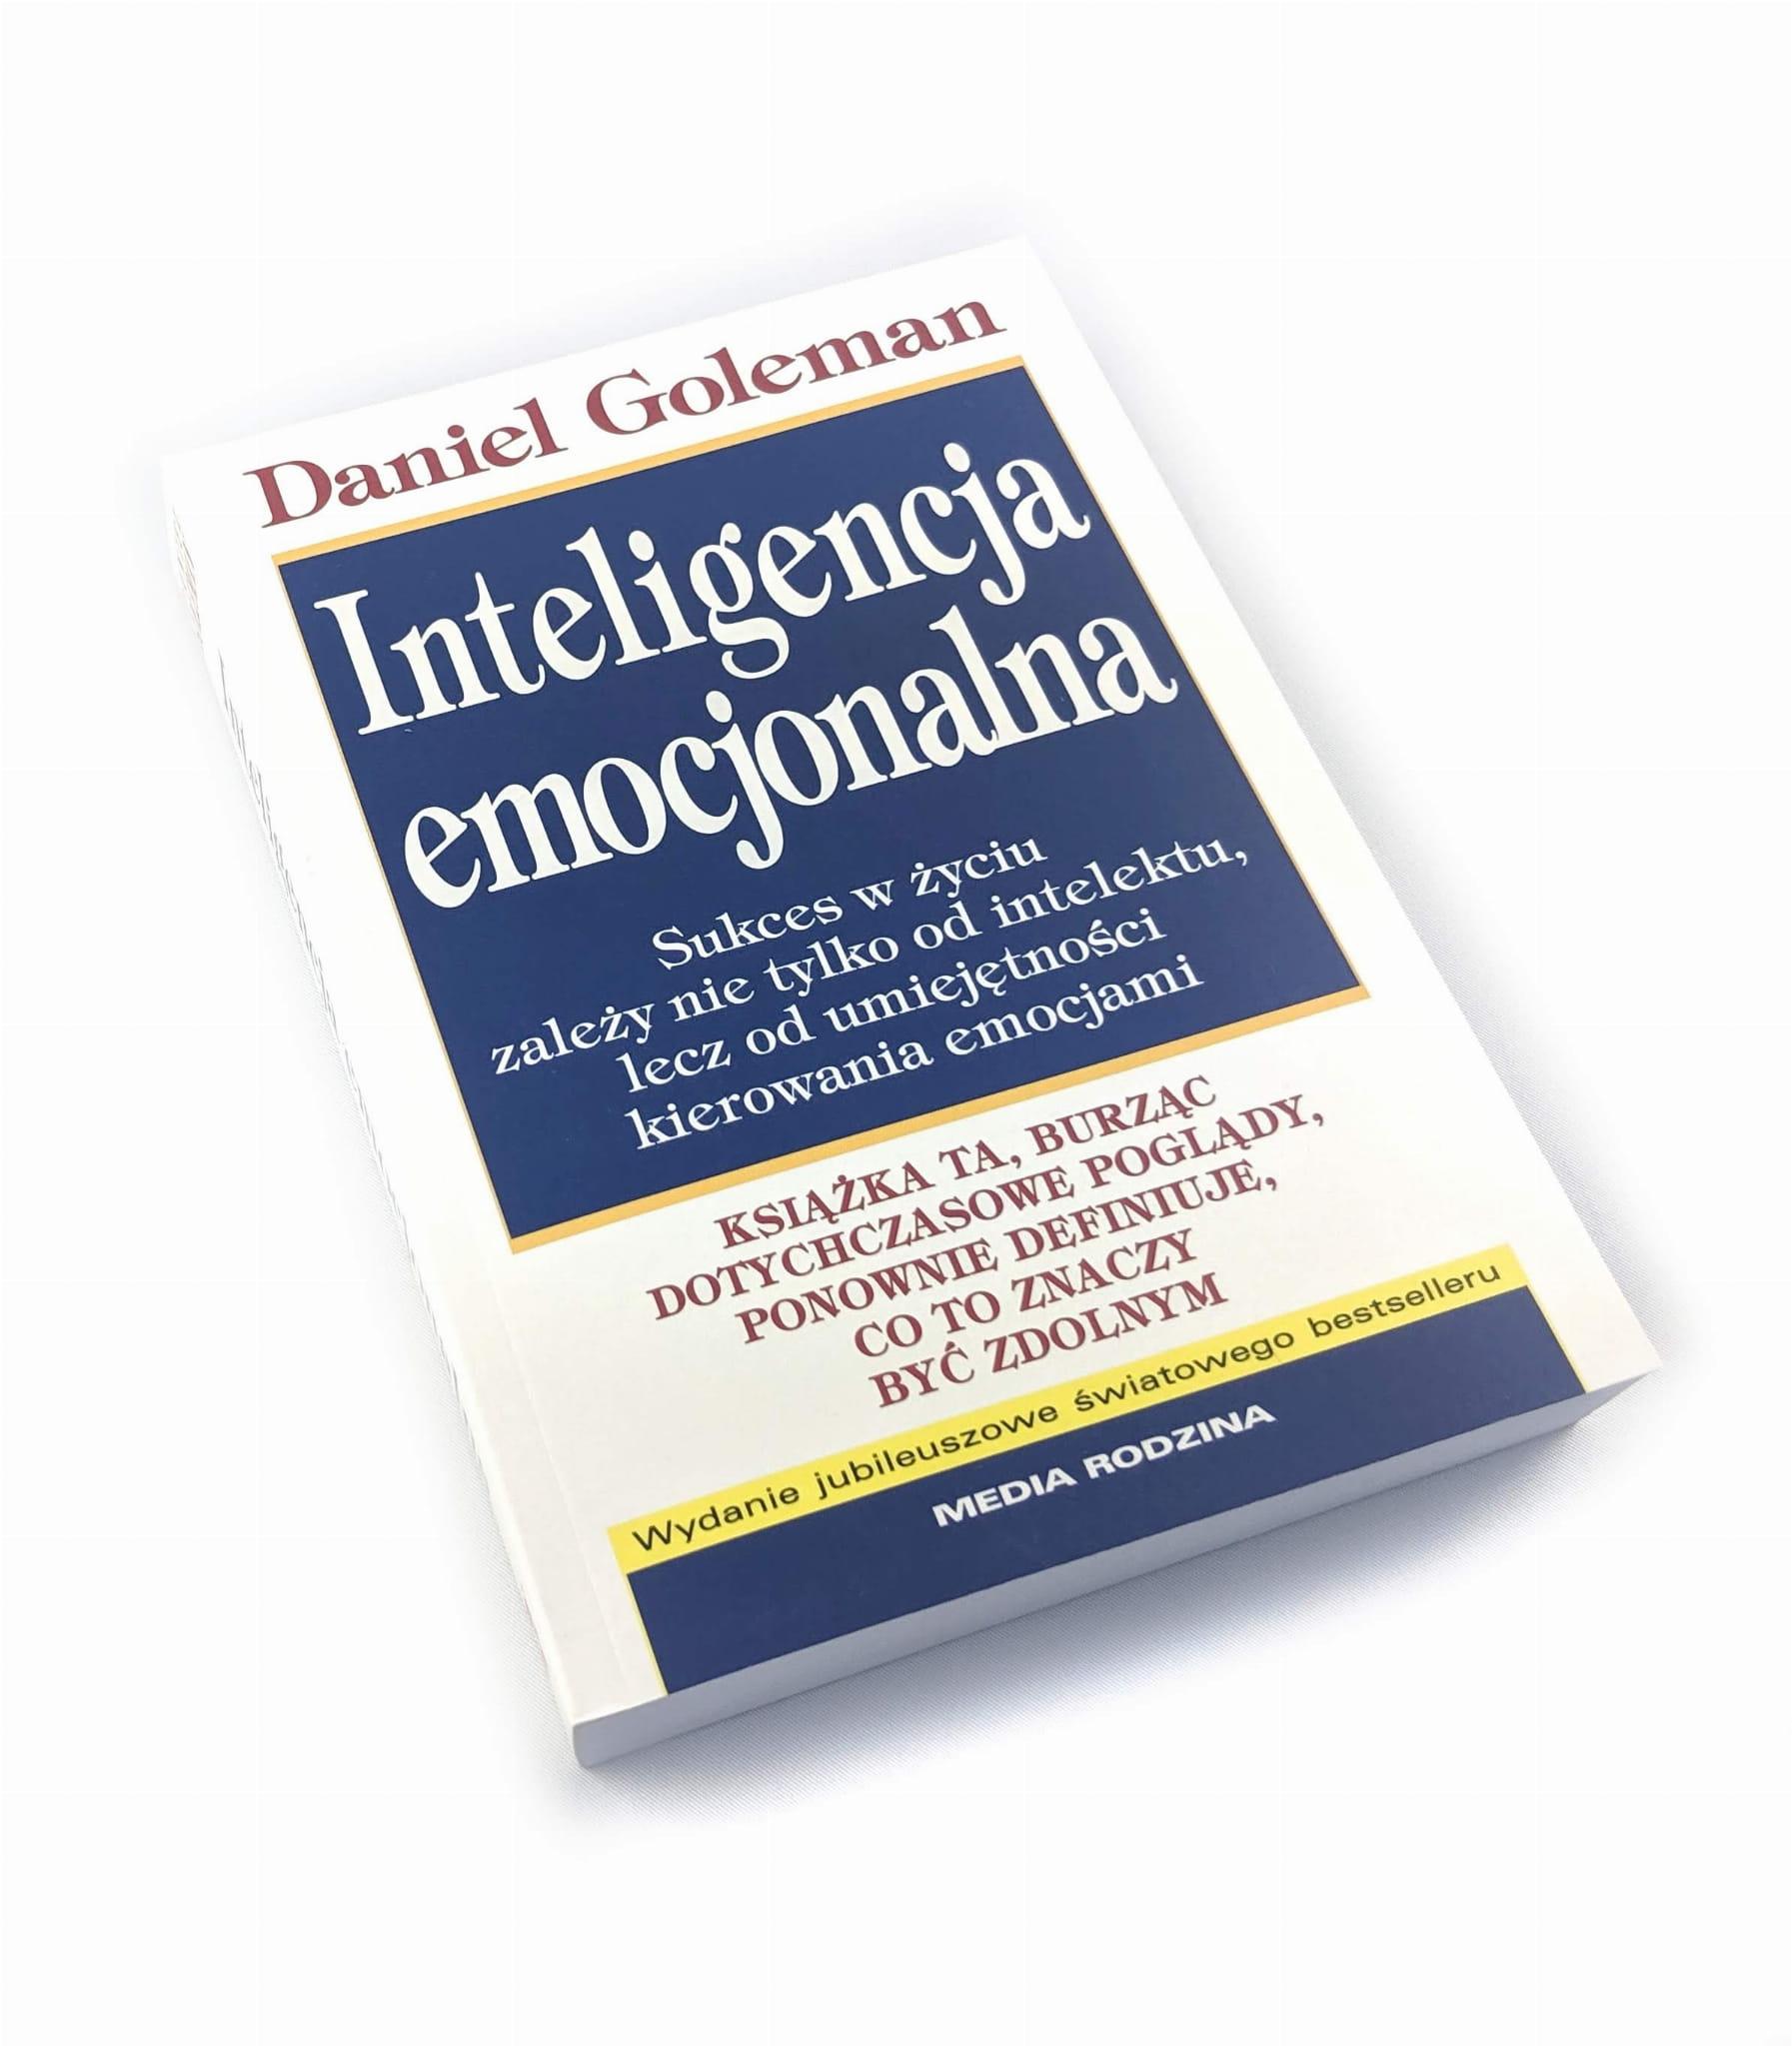 Inteligencja Emocjonalna - Daniel Goleman Książka - Cena i Opinie - Księgi  Barneja